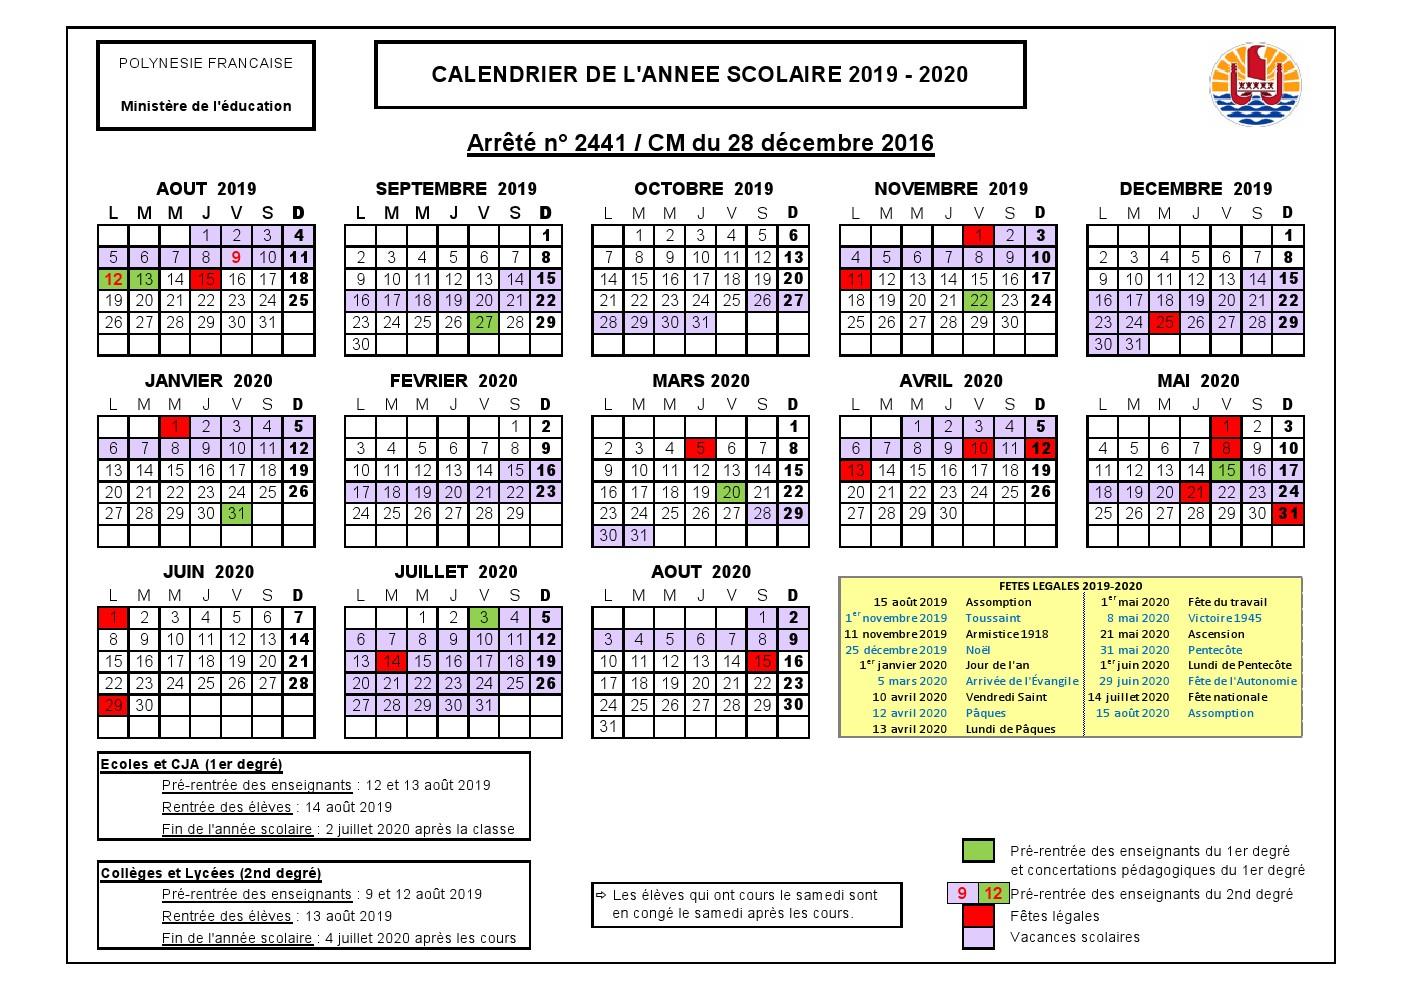 Calendrier Scolaire 2019 Et 2020 Pdf.Calendrier Scolaire 2019 2020 College De Makemo